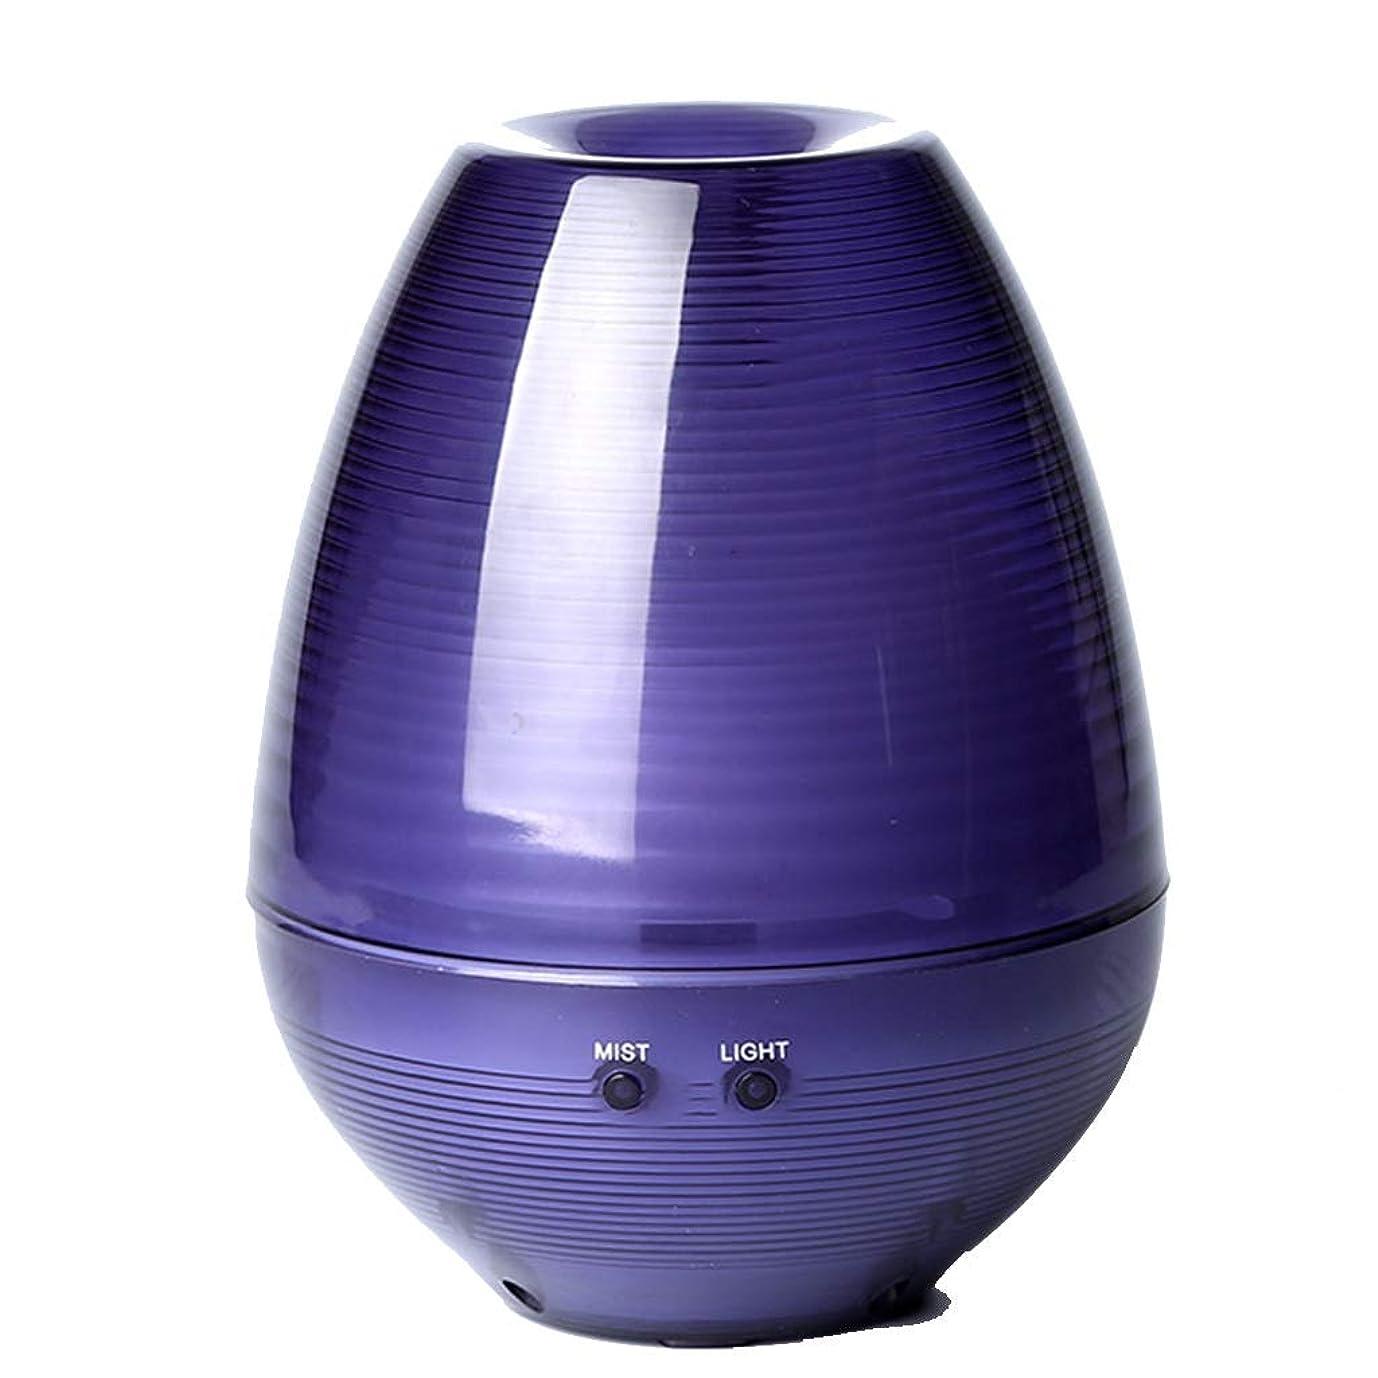 静かに事故チャーターアロマセラピーエッセンシャルオイルディフューザー、アロマディフューザークールミスト加湿器ウォーターレスオートシャットオフホームオフィス用ヨガ (Color : Purple)